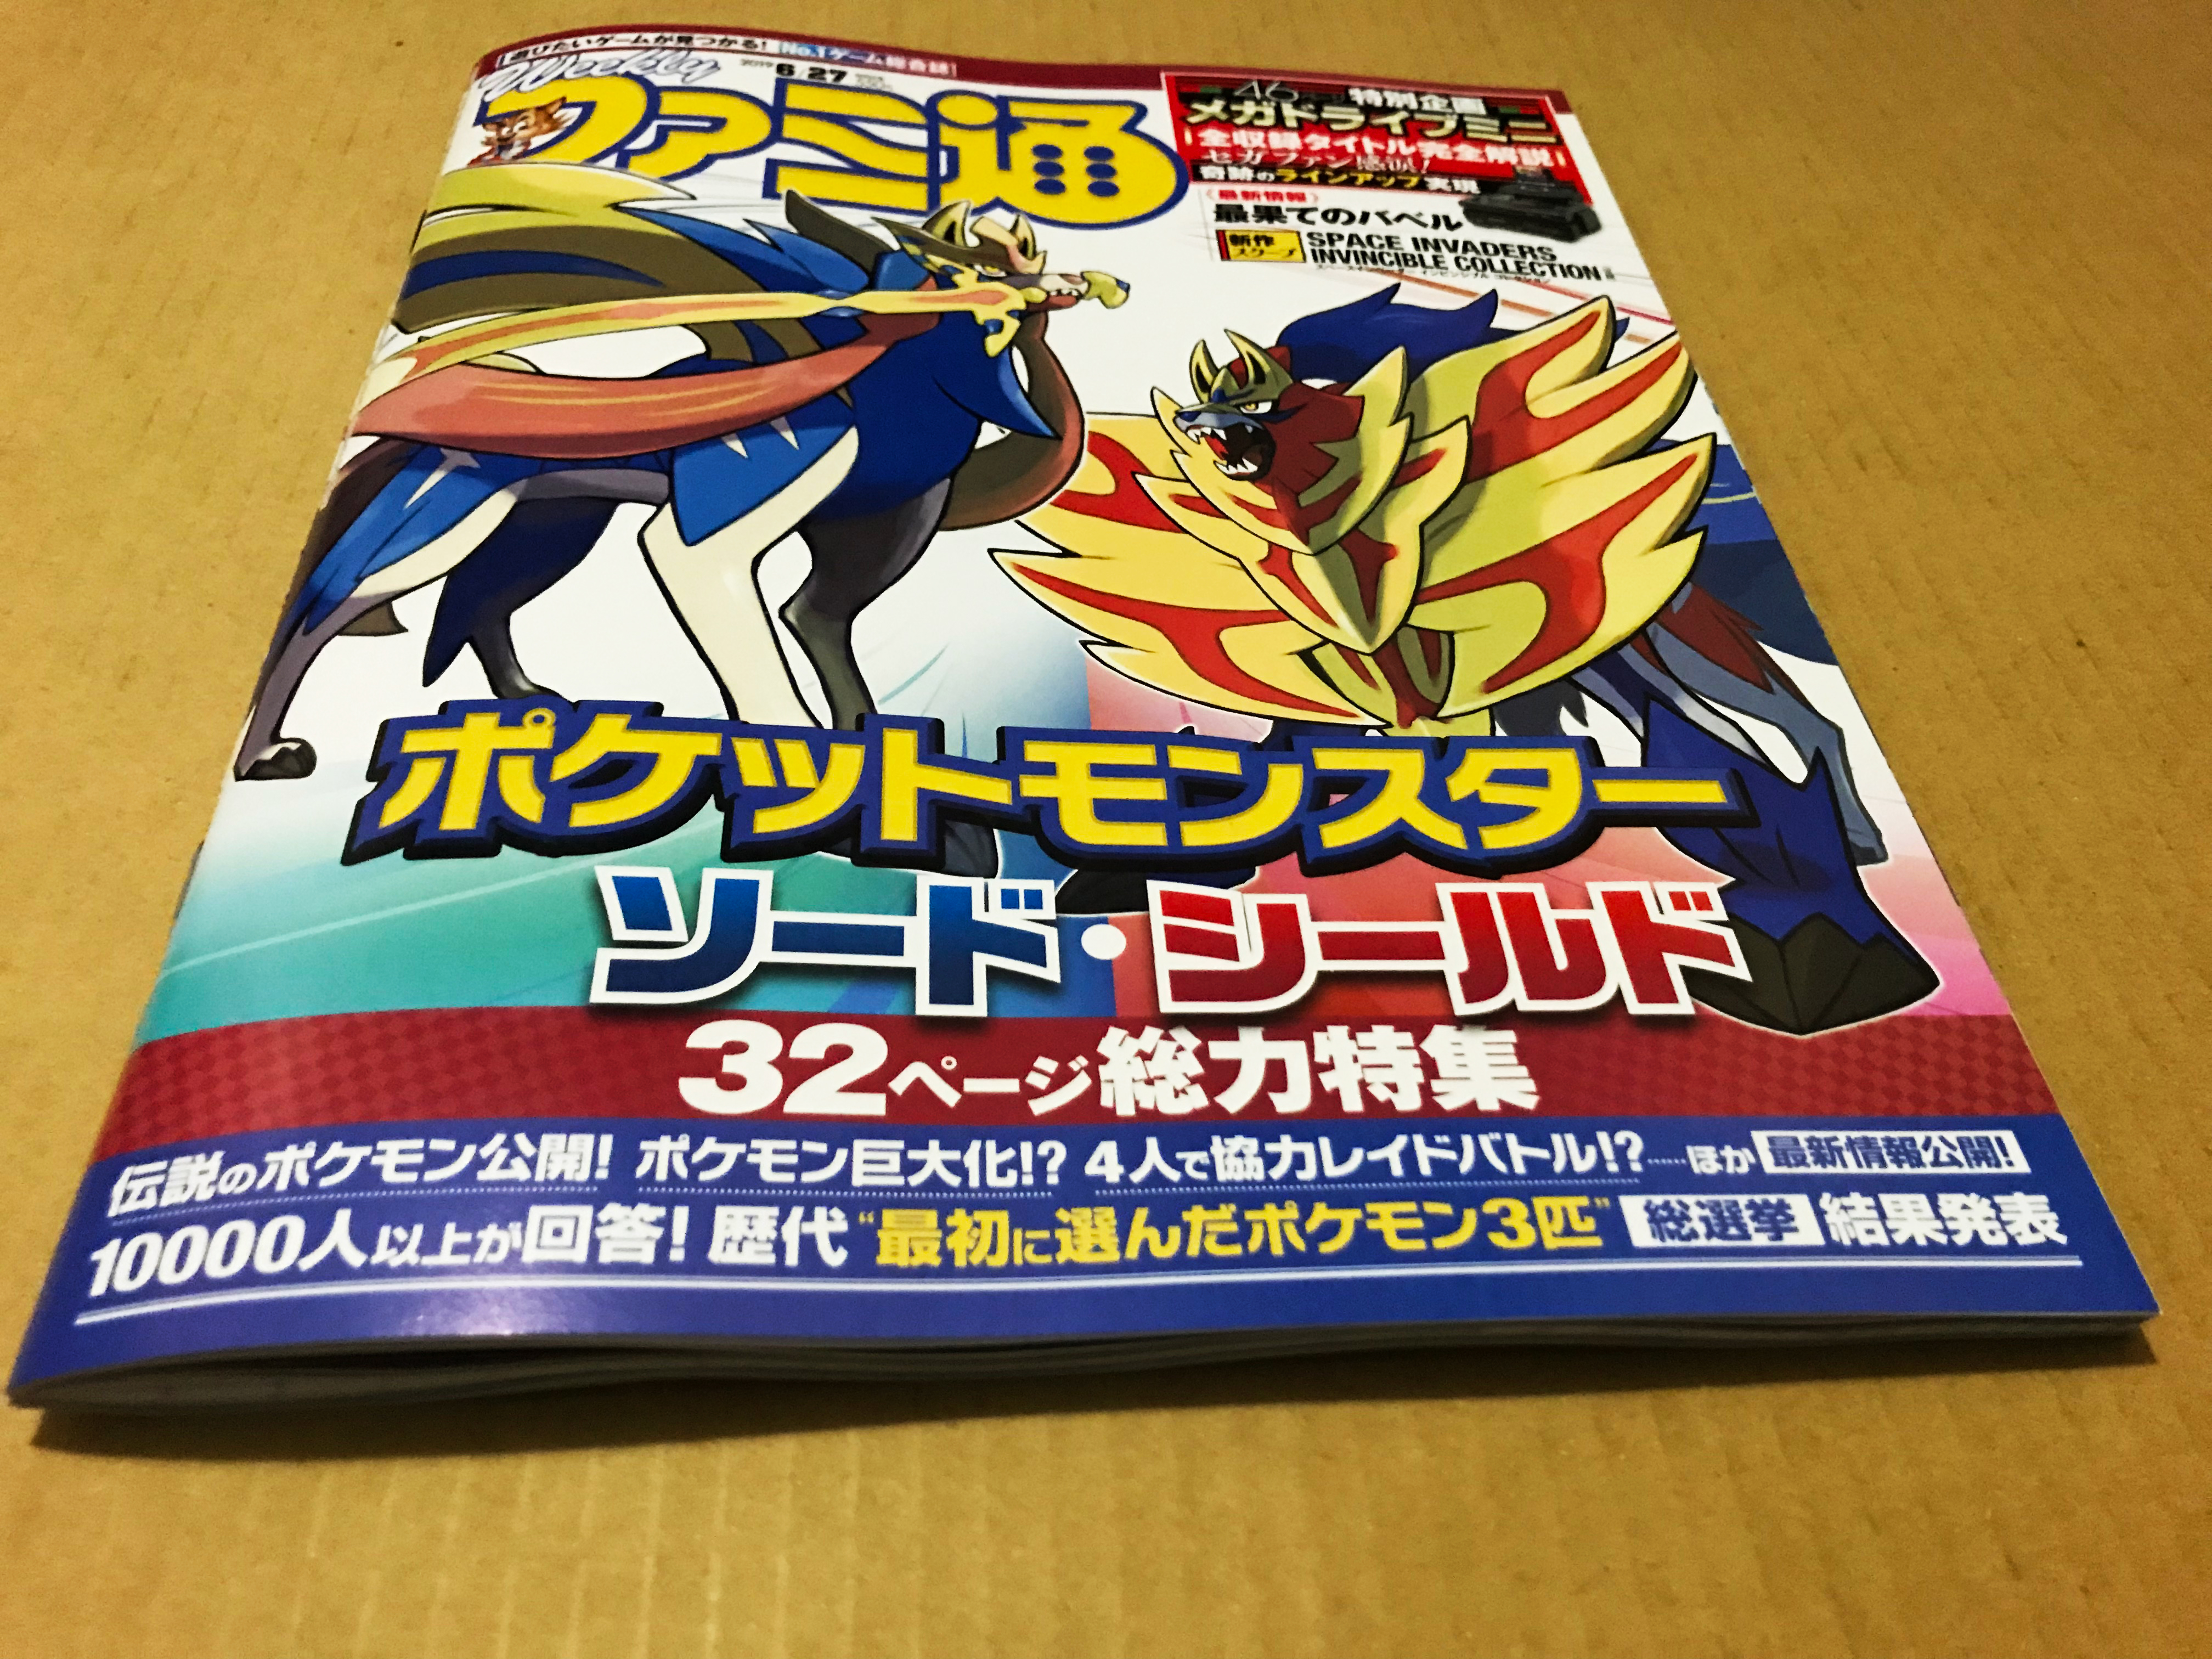 週刊ファミ通 2019年6月27日号 No.1593